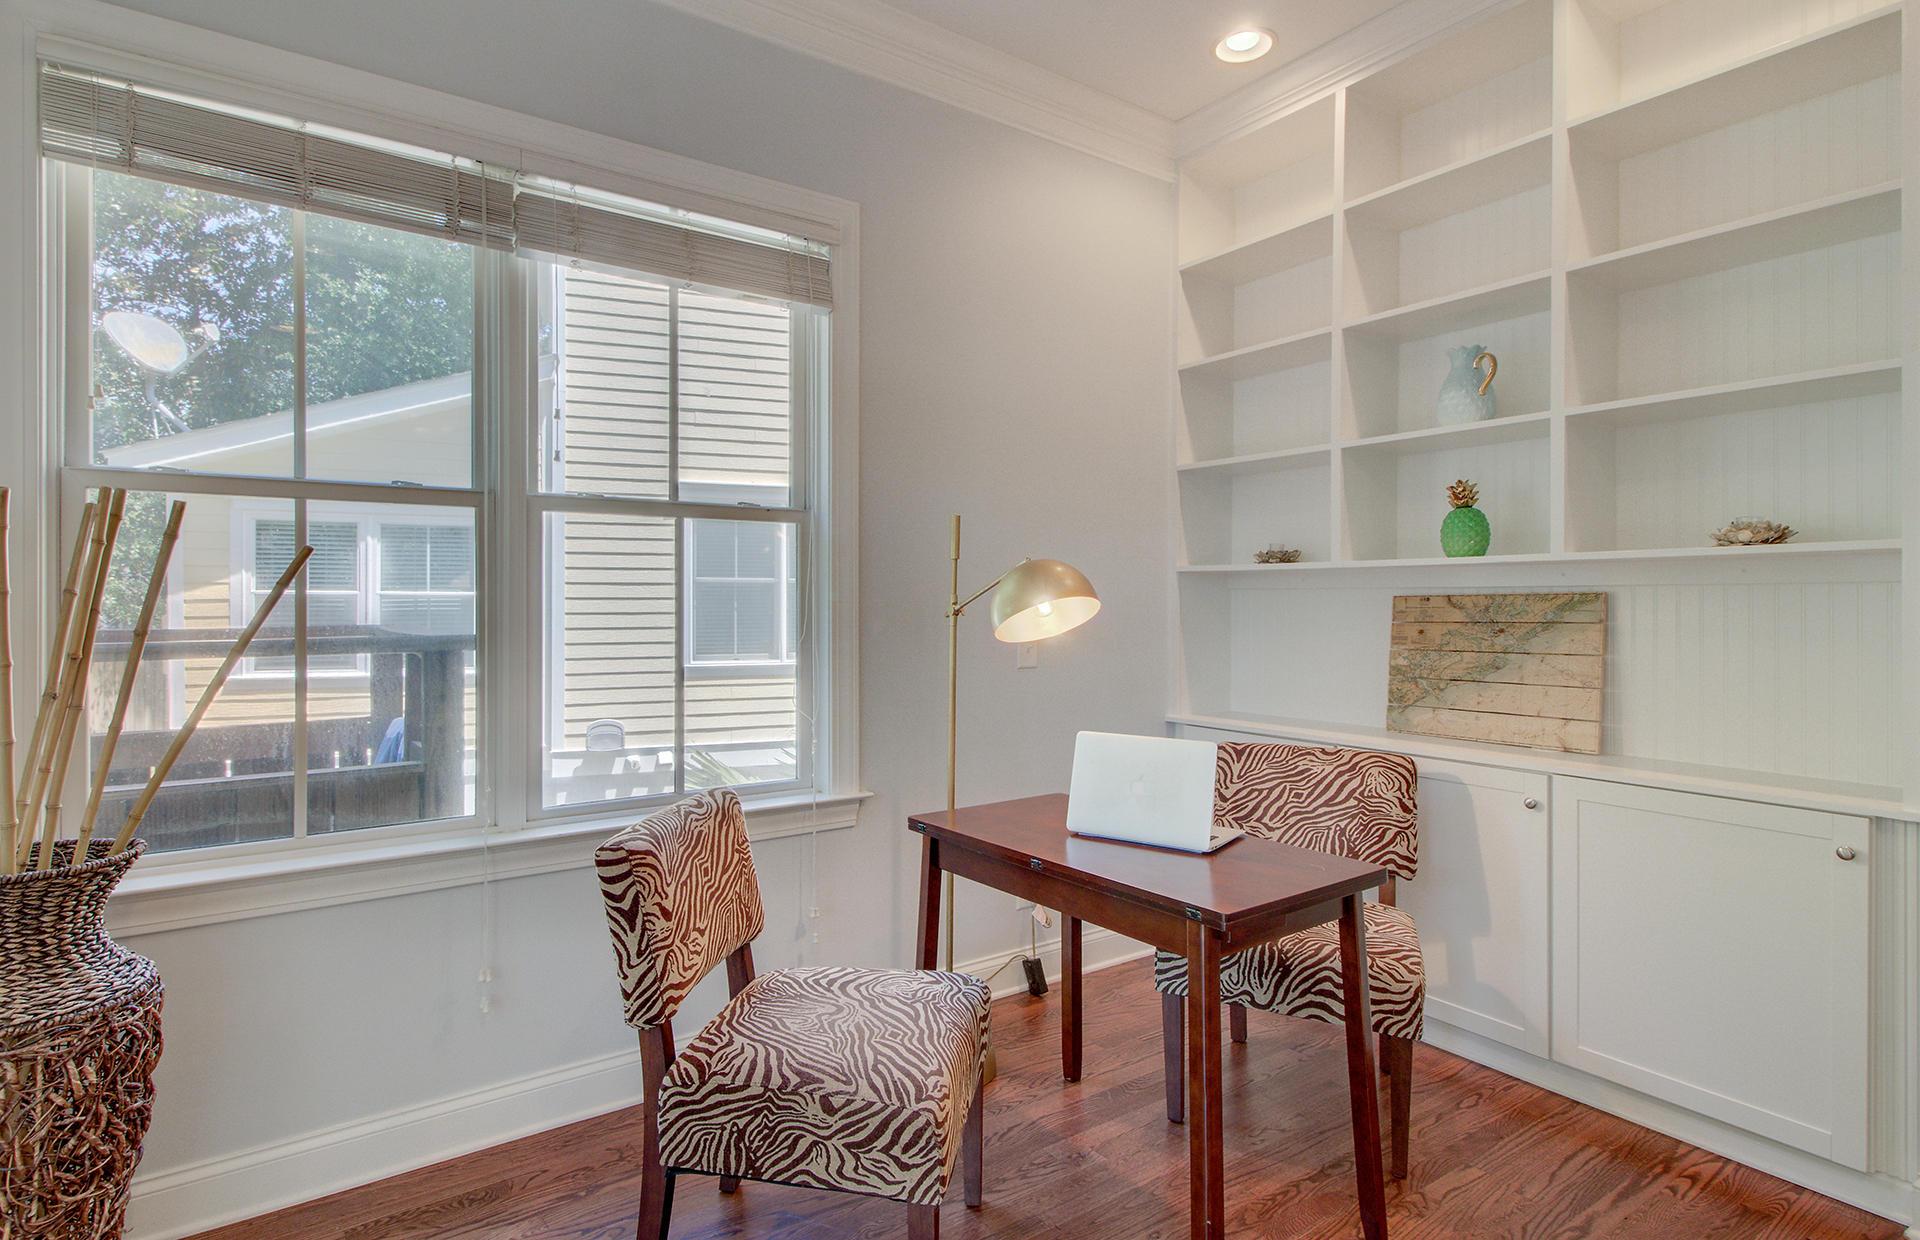 Phillips Park Homes For Sale - 1129 Phillips Park, Mount Pleasant, SC - 48